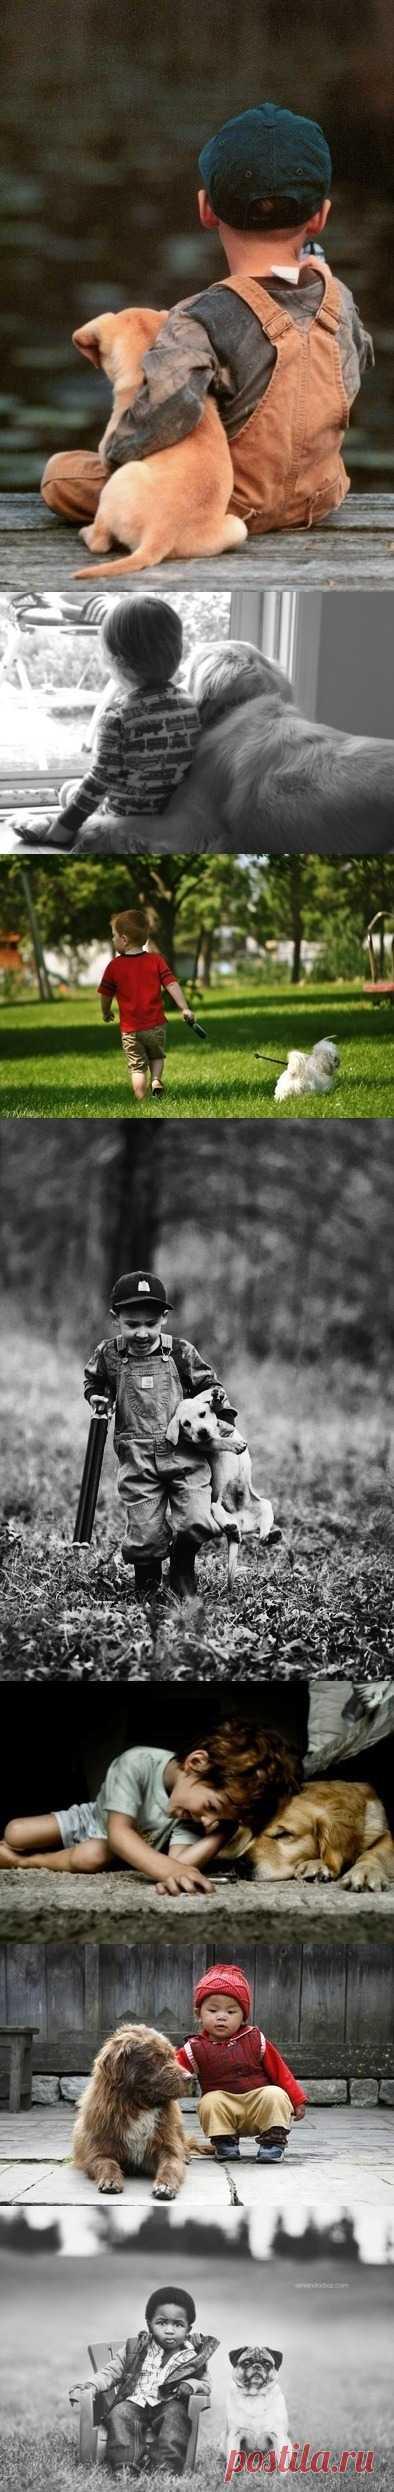 А вы в детстве мечтали о собаке?